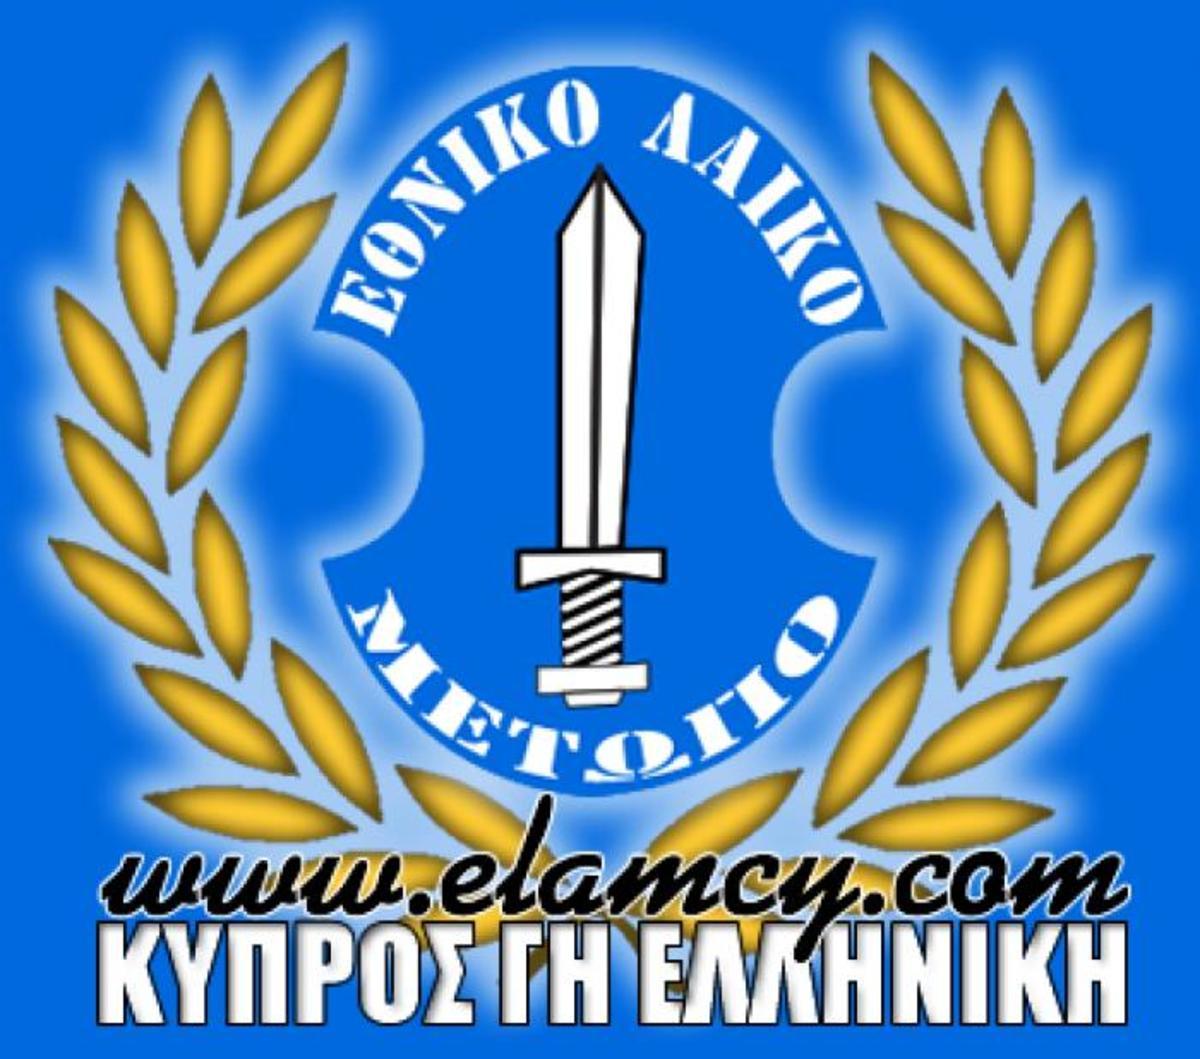 Κυπριακό κόμμα στηρίζει Κασιδιάρη! | Newsit.gr